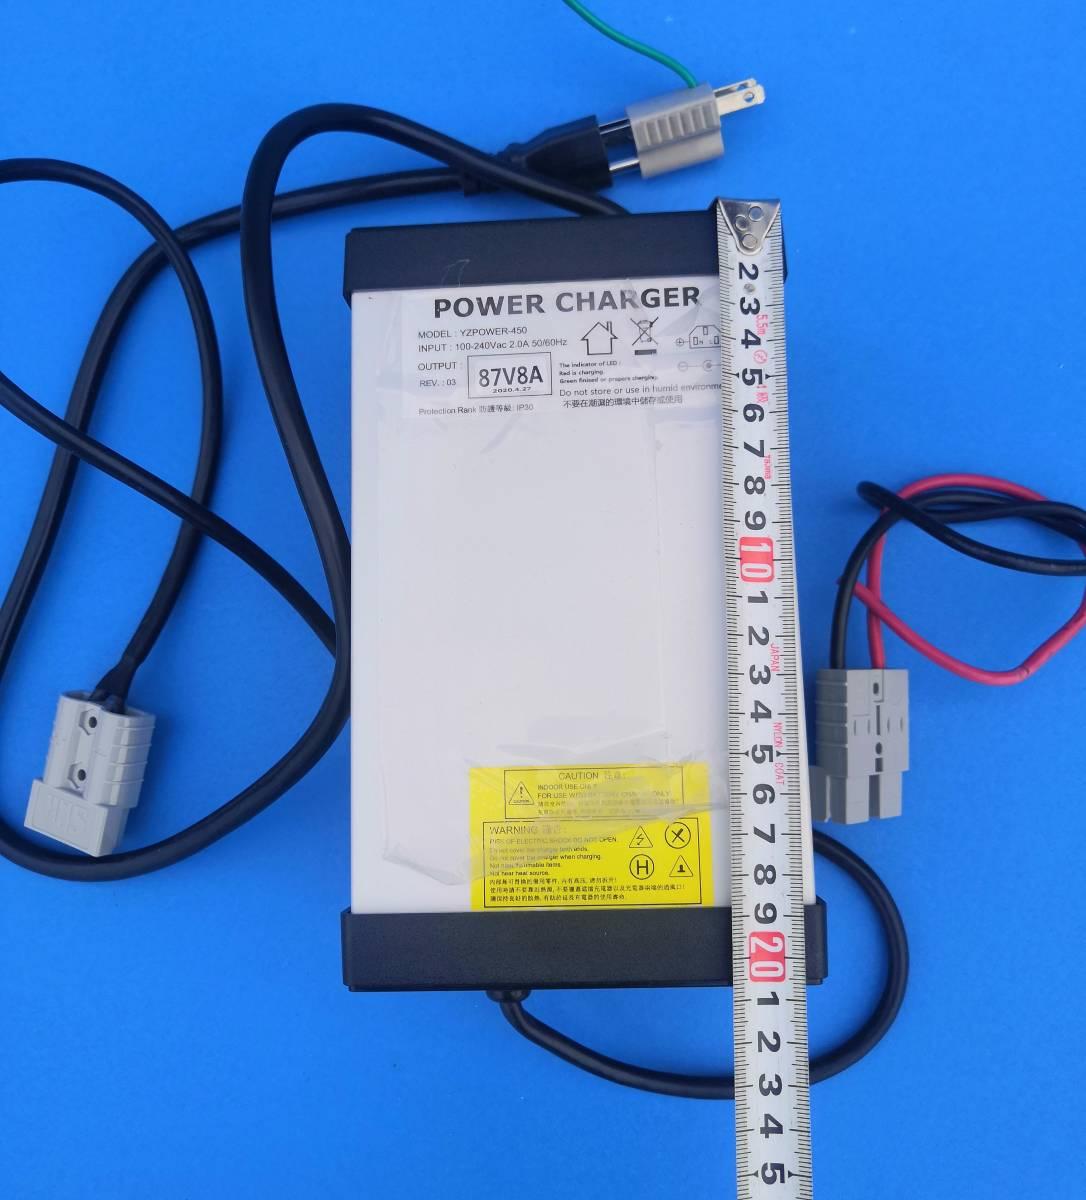 鉛バッテリー6本直列充電器コムスのバッテリー充電に充電器故障したコムスへの充電に使えます_画像3